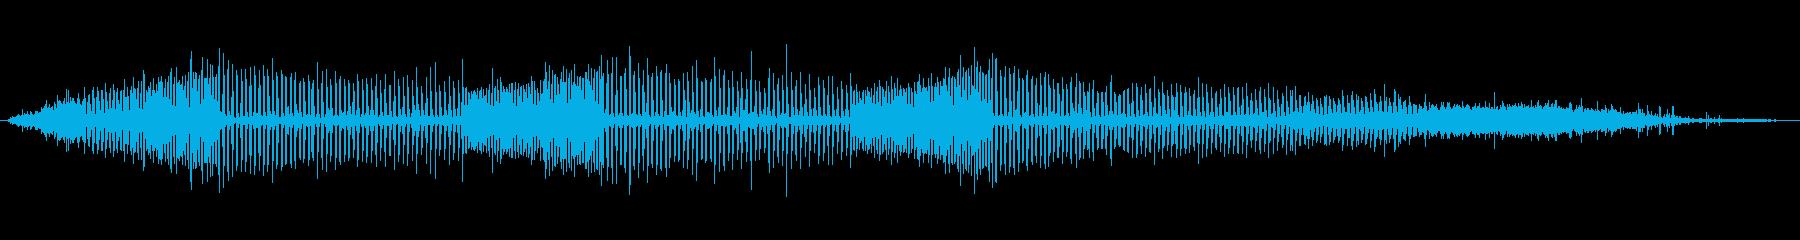 ラチェットスプリンクラー:スタート...の再生済みの波形